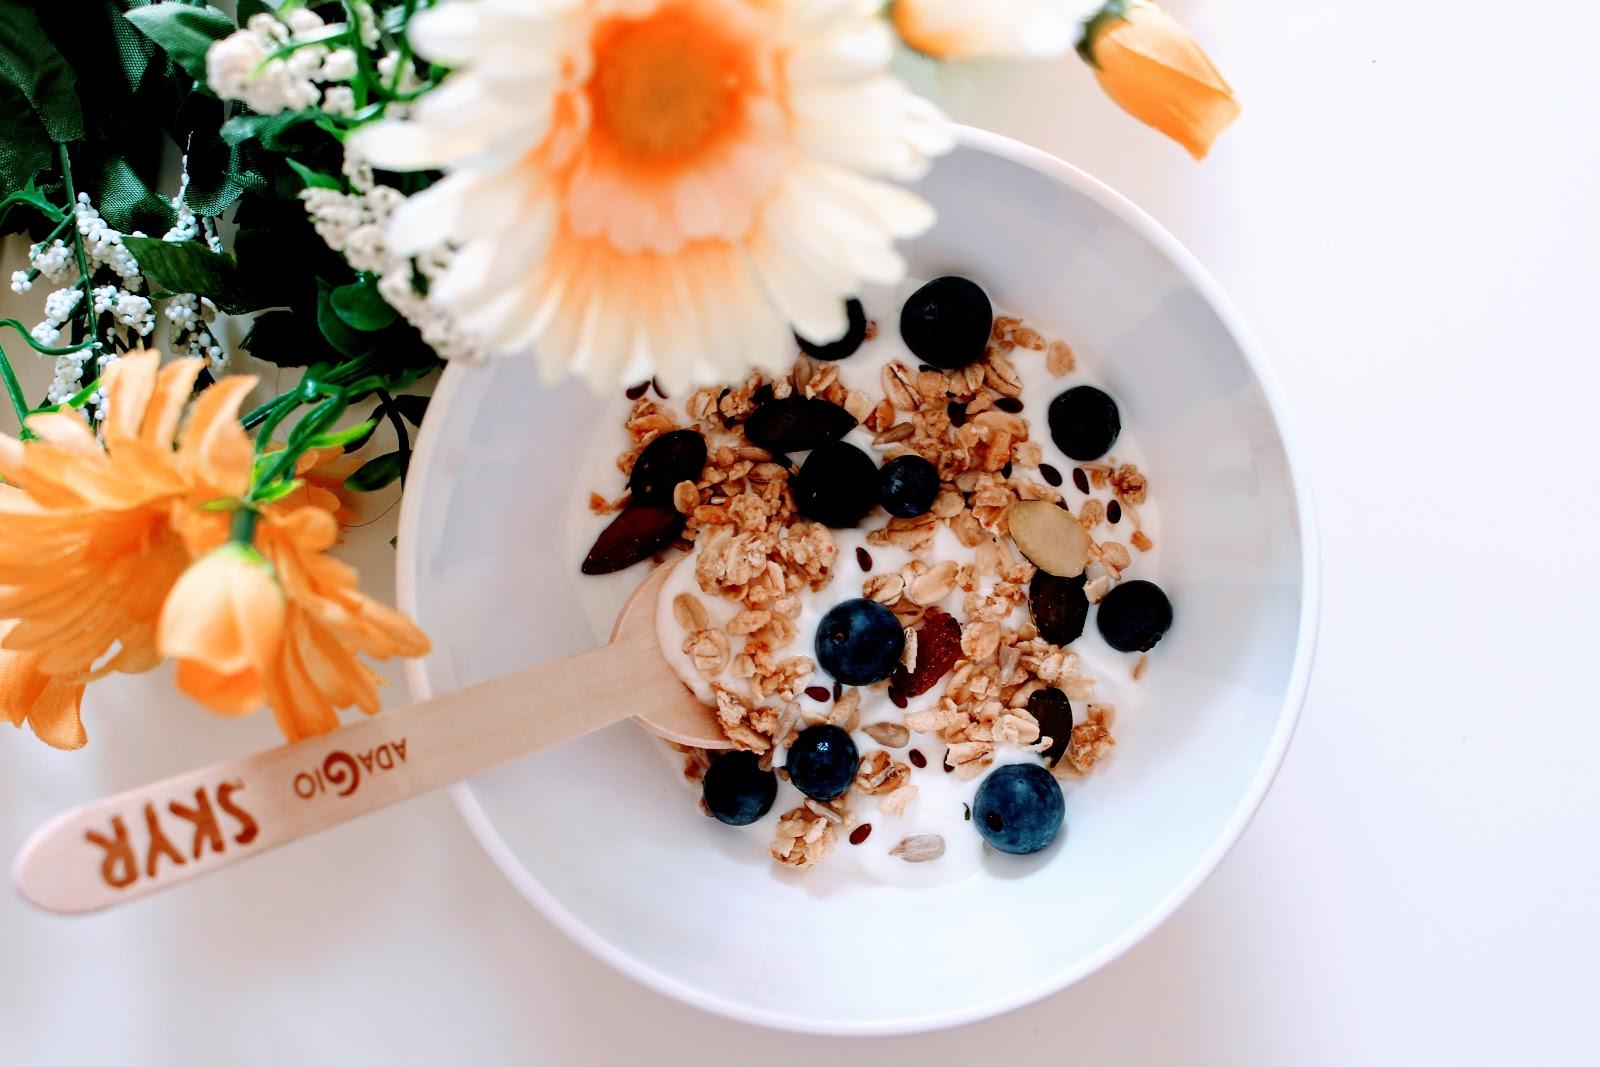 Pequeno almoço saudável